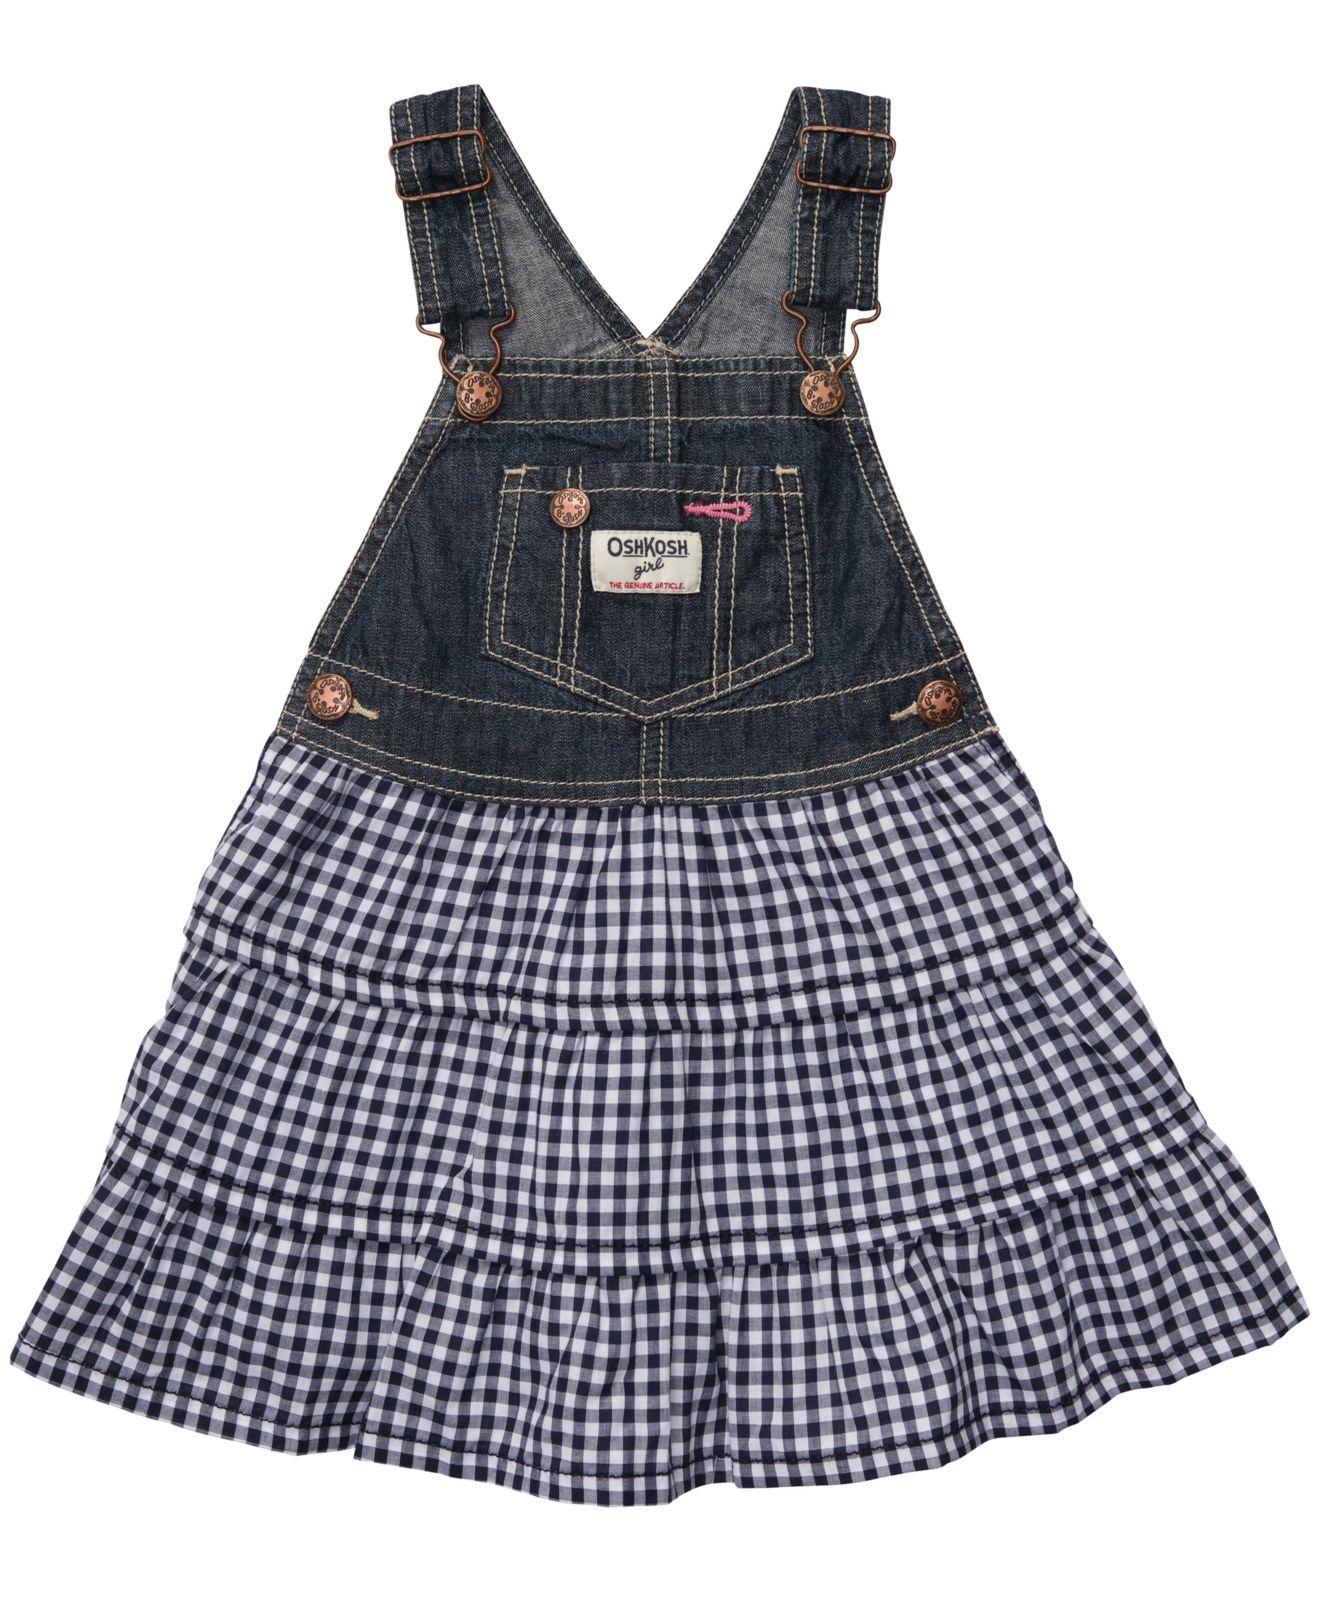 f63edc910 Osh Kosh Baby Dress, Baby Girls Overall Dress | Everly Rose | Baby ...